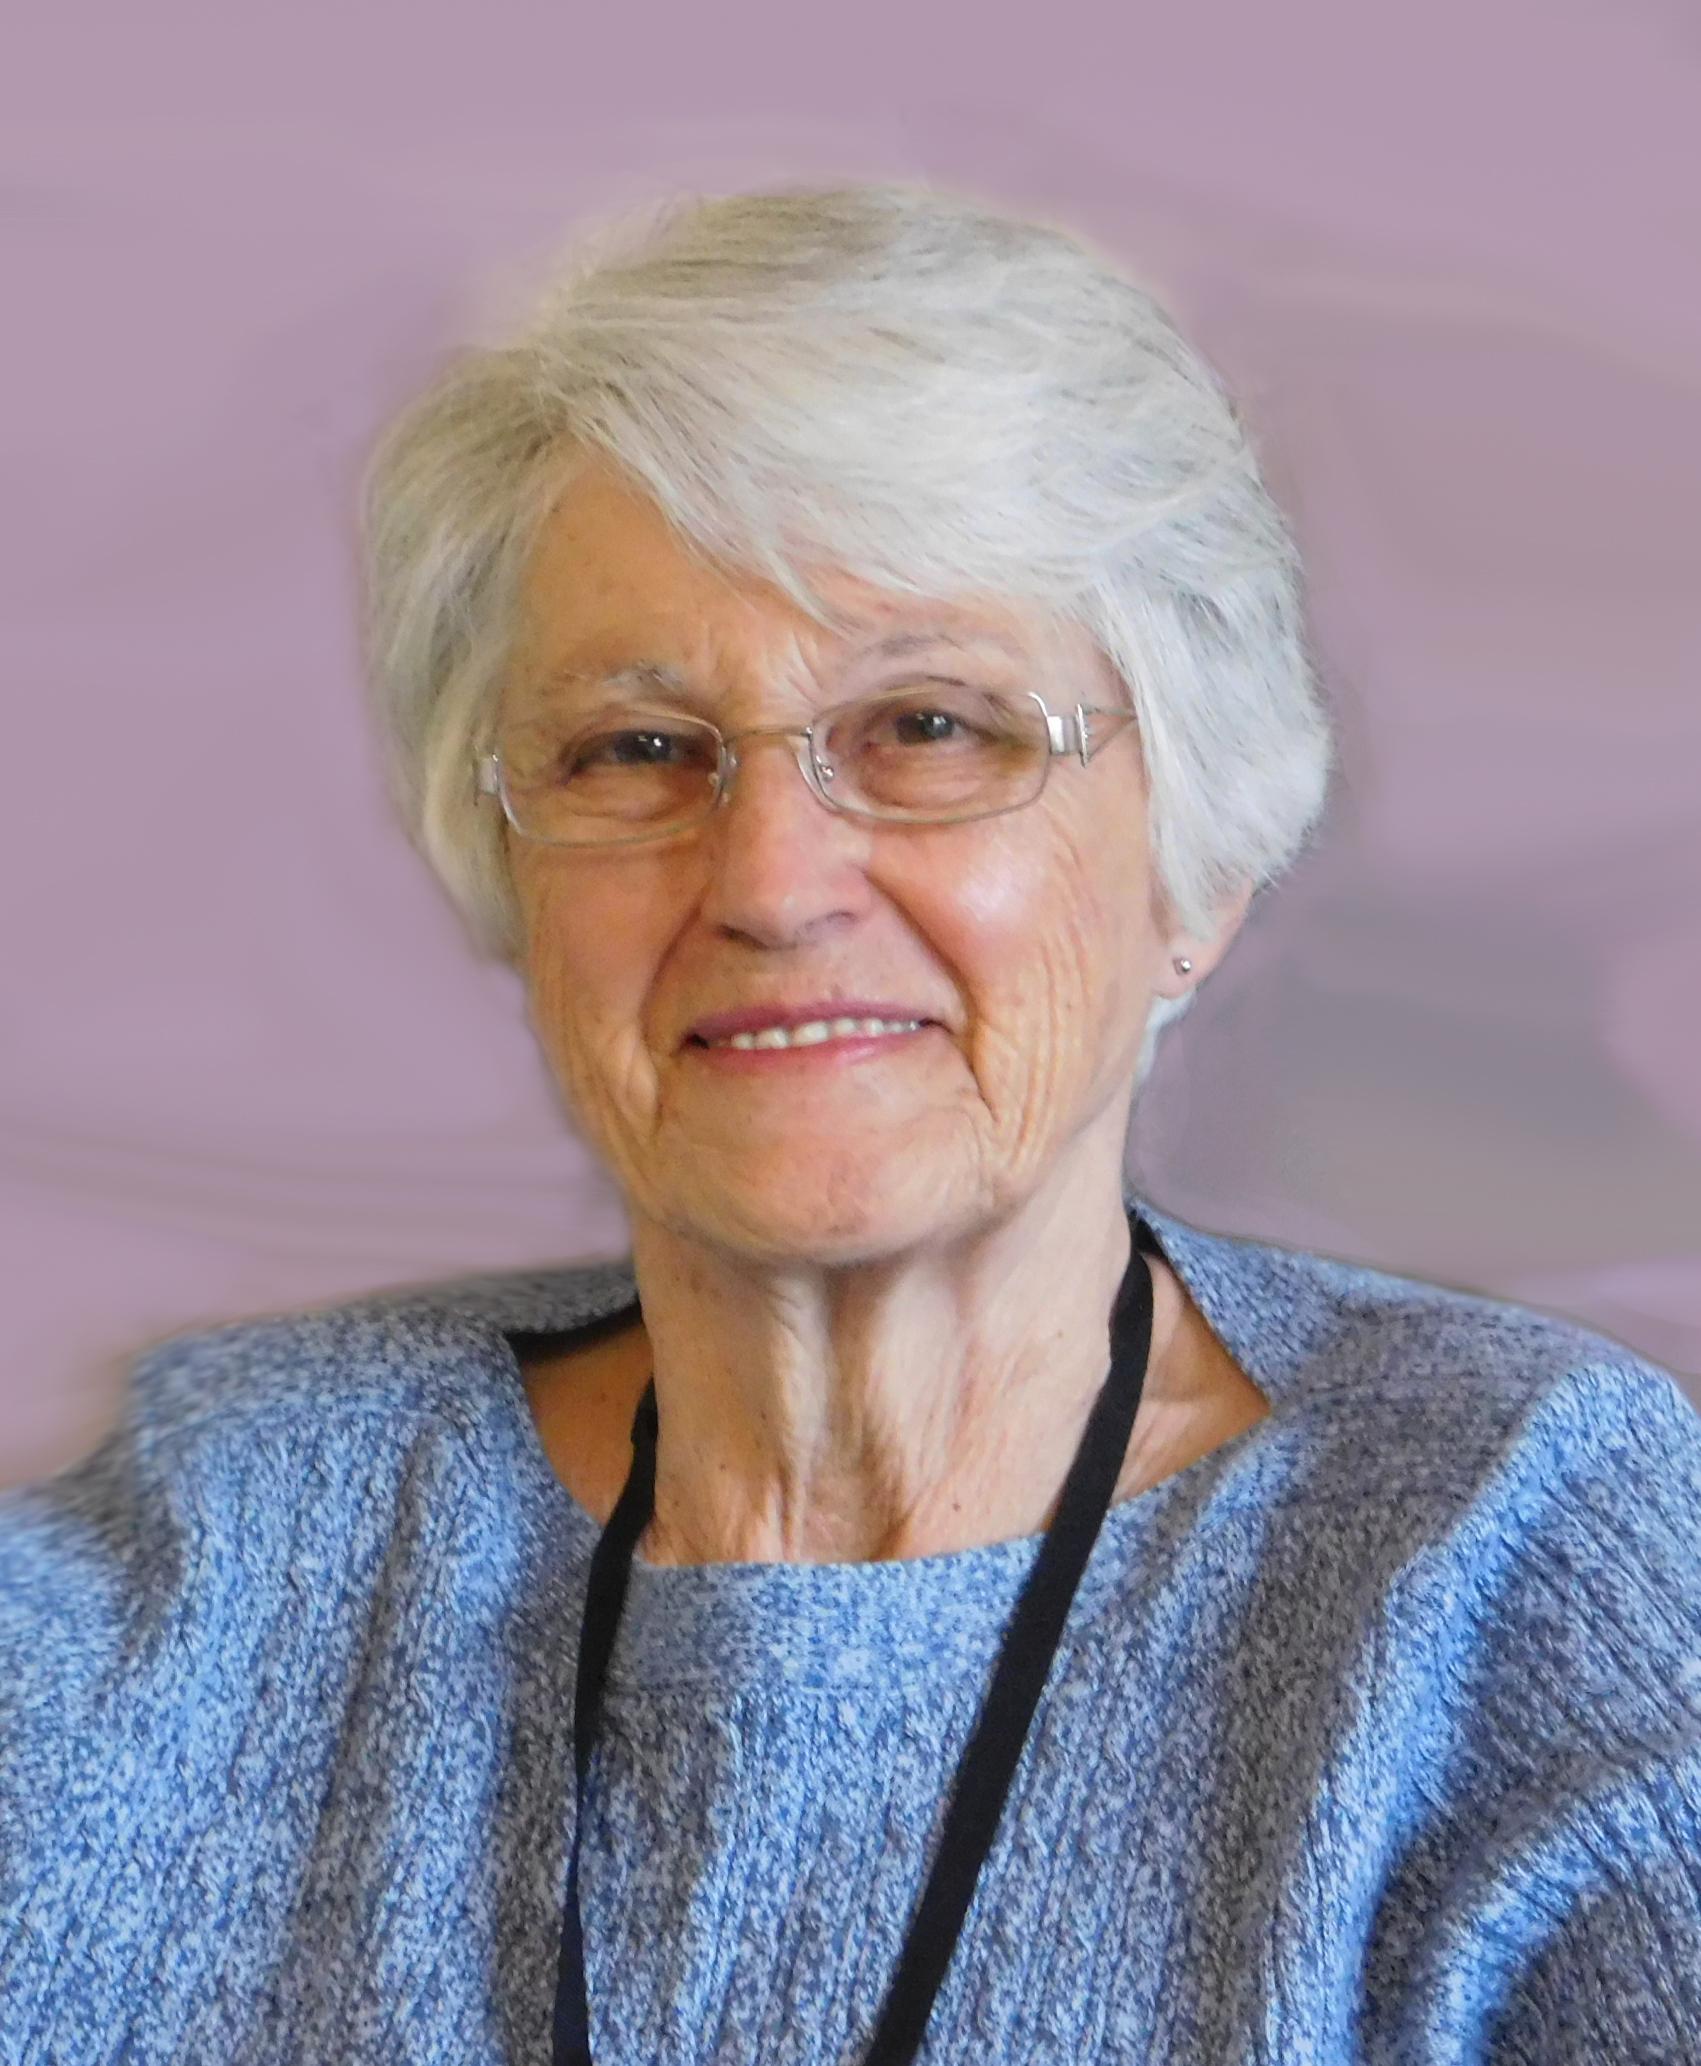 Juliette Morneau Avoine